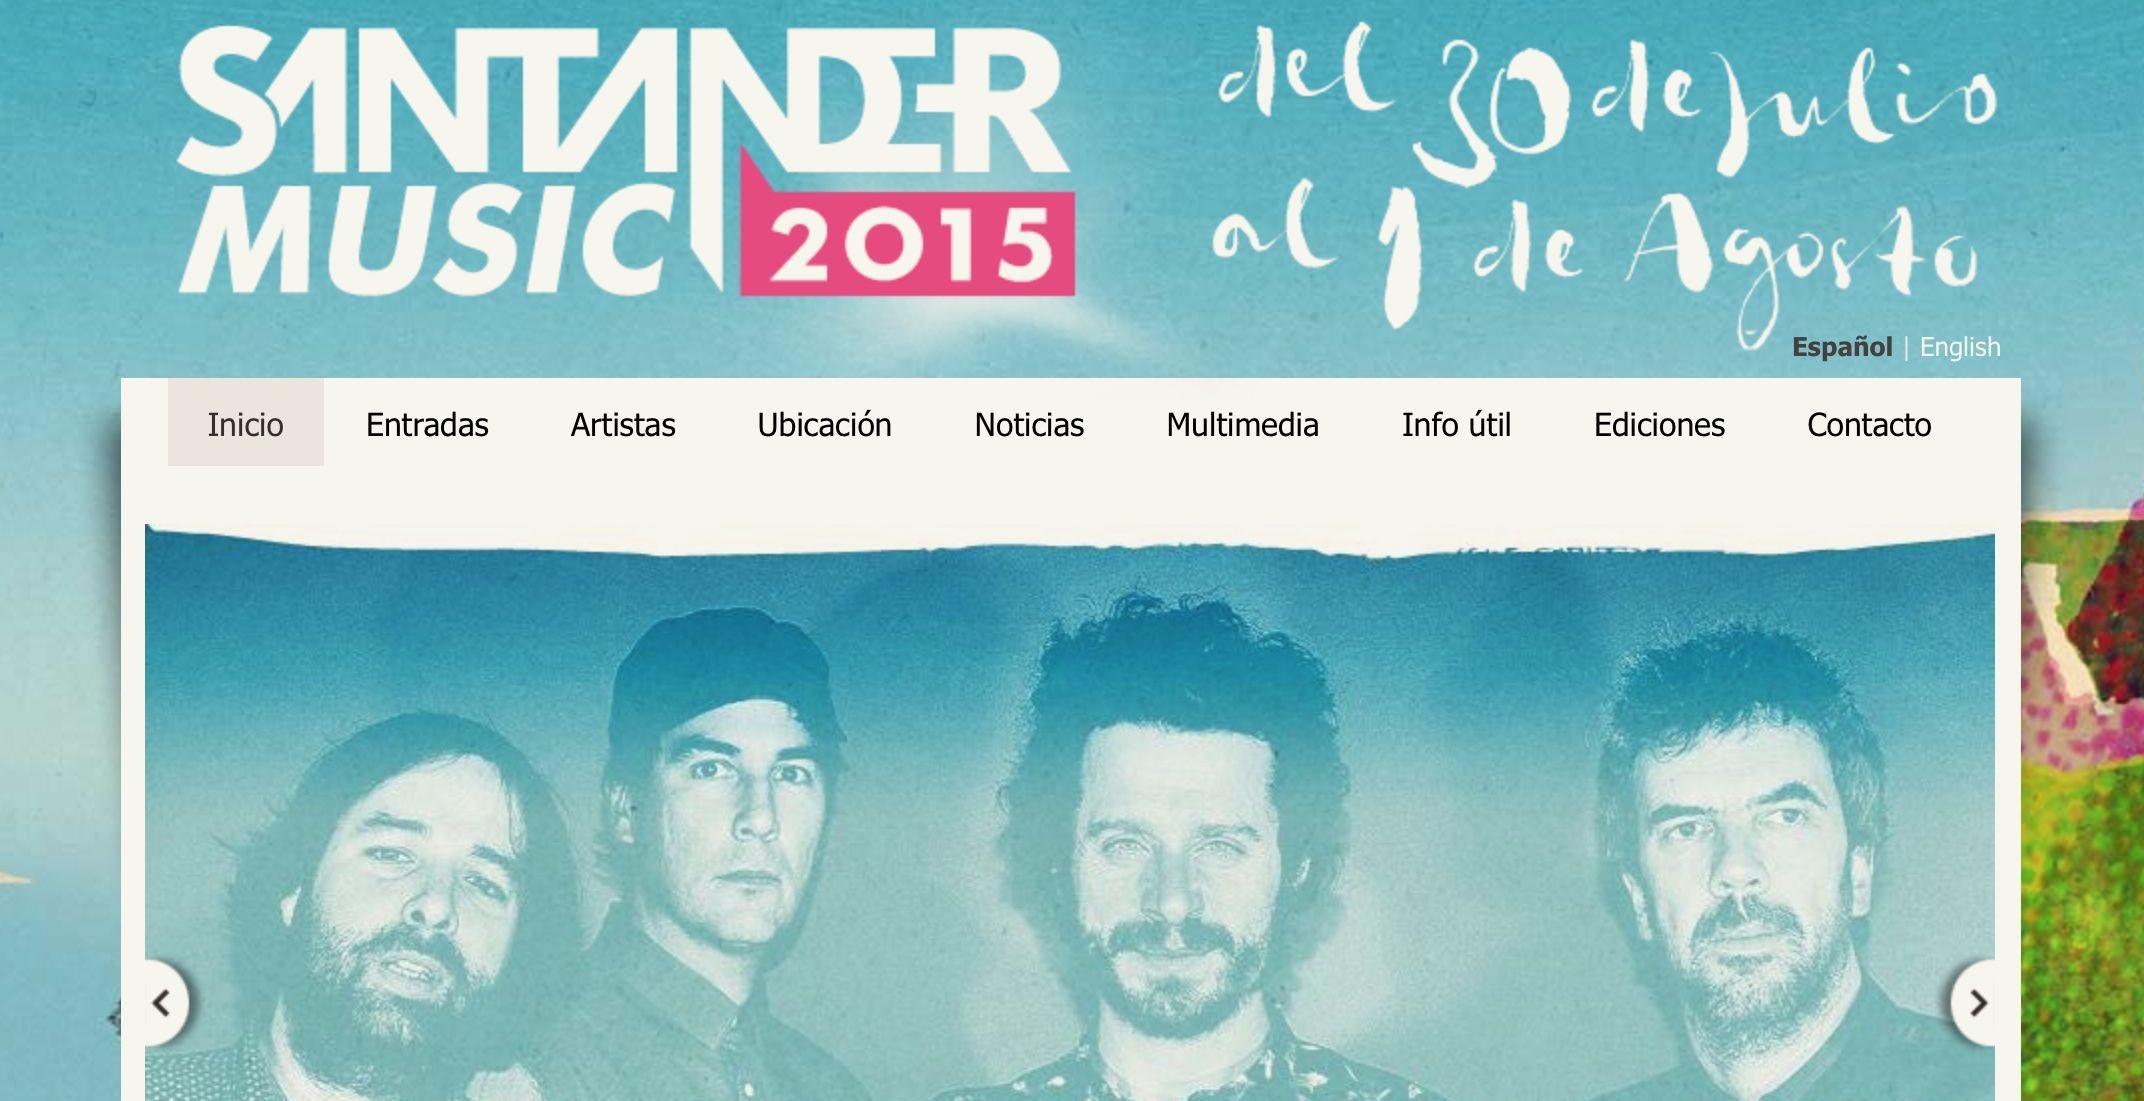 Página web oficial del Santander Music